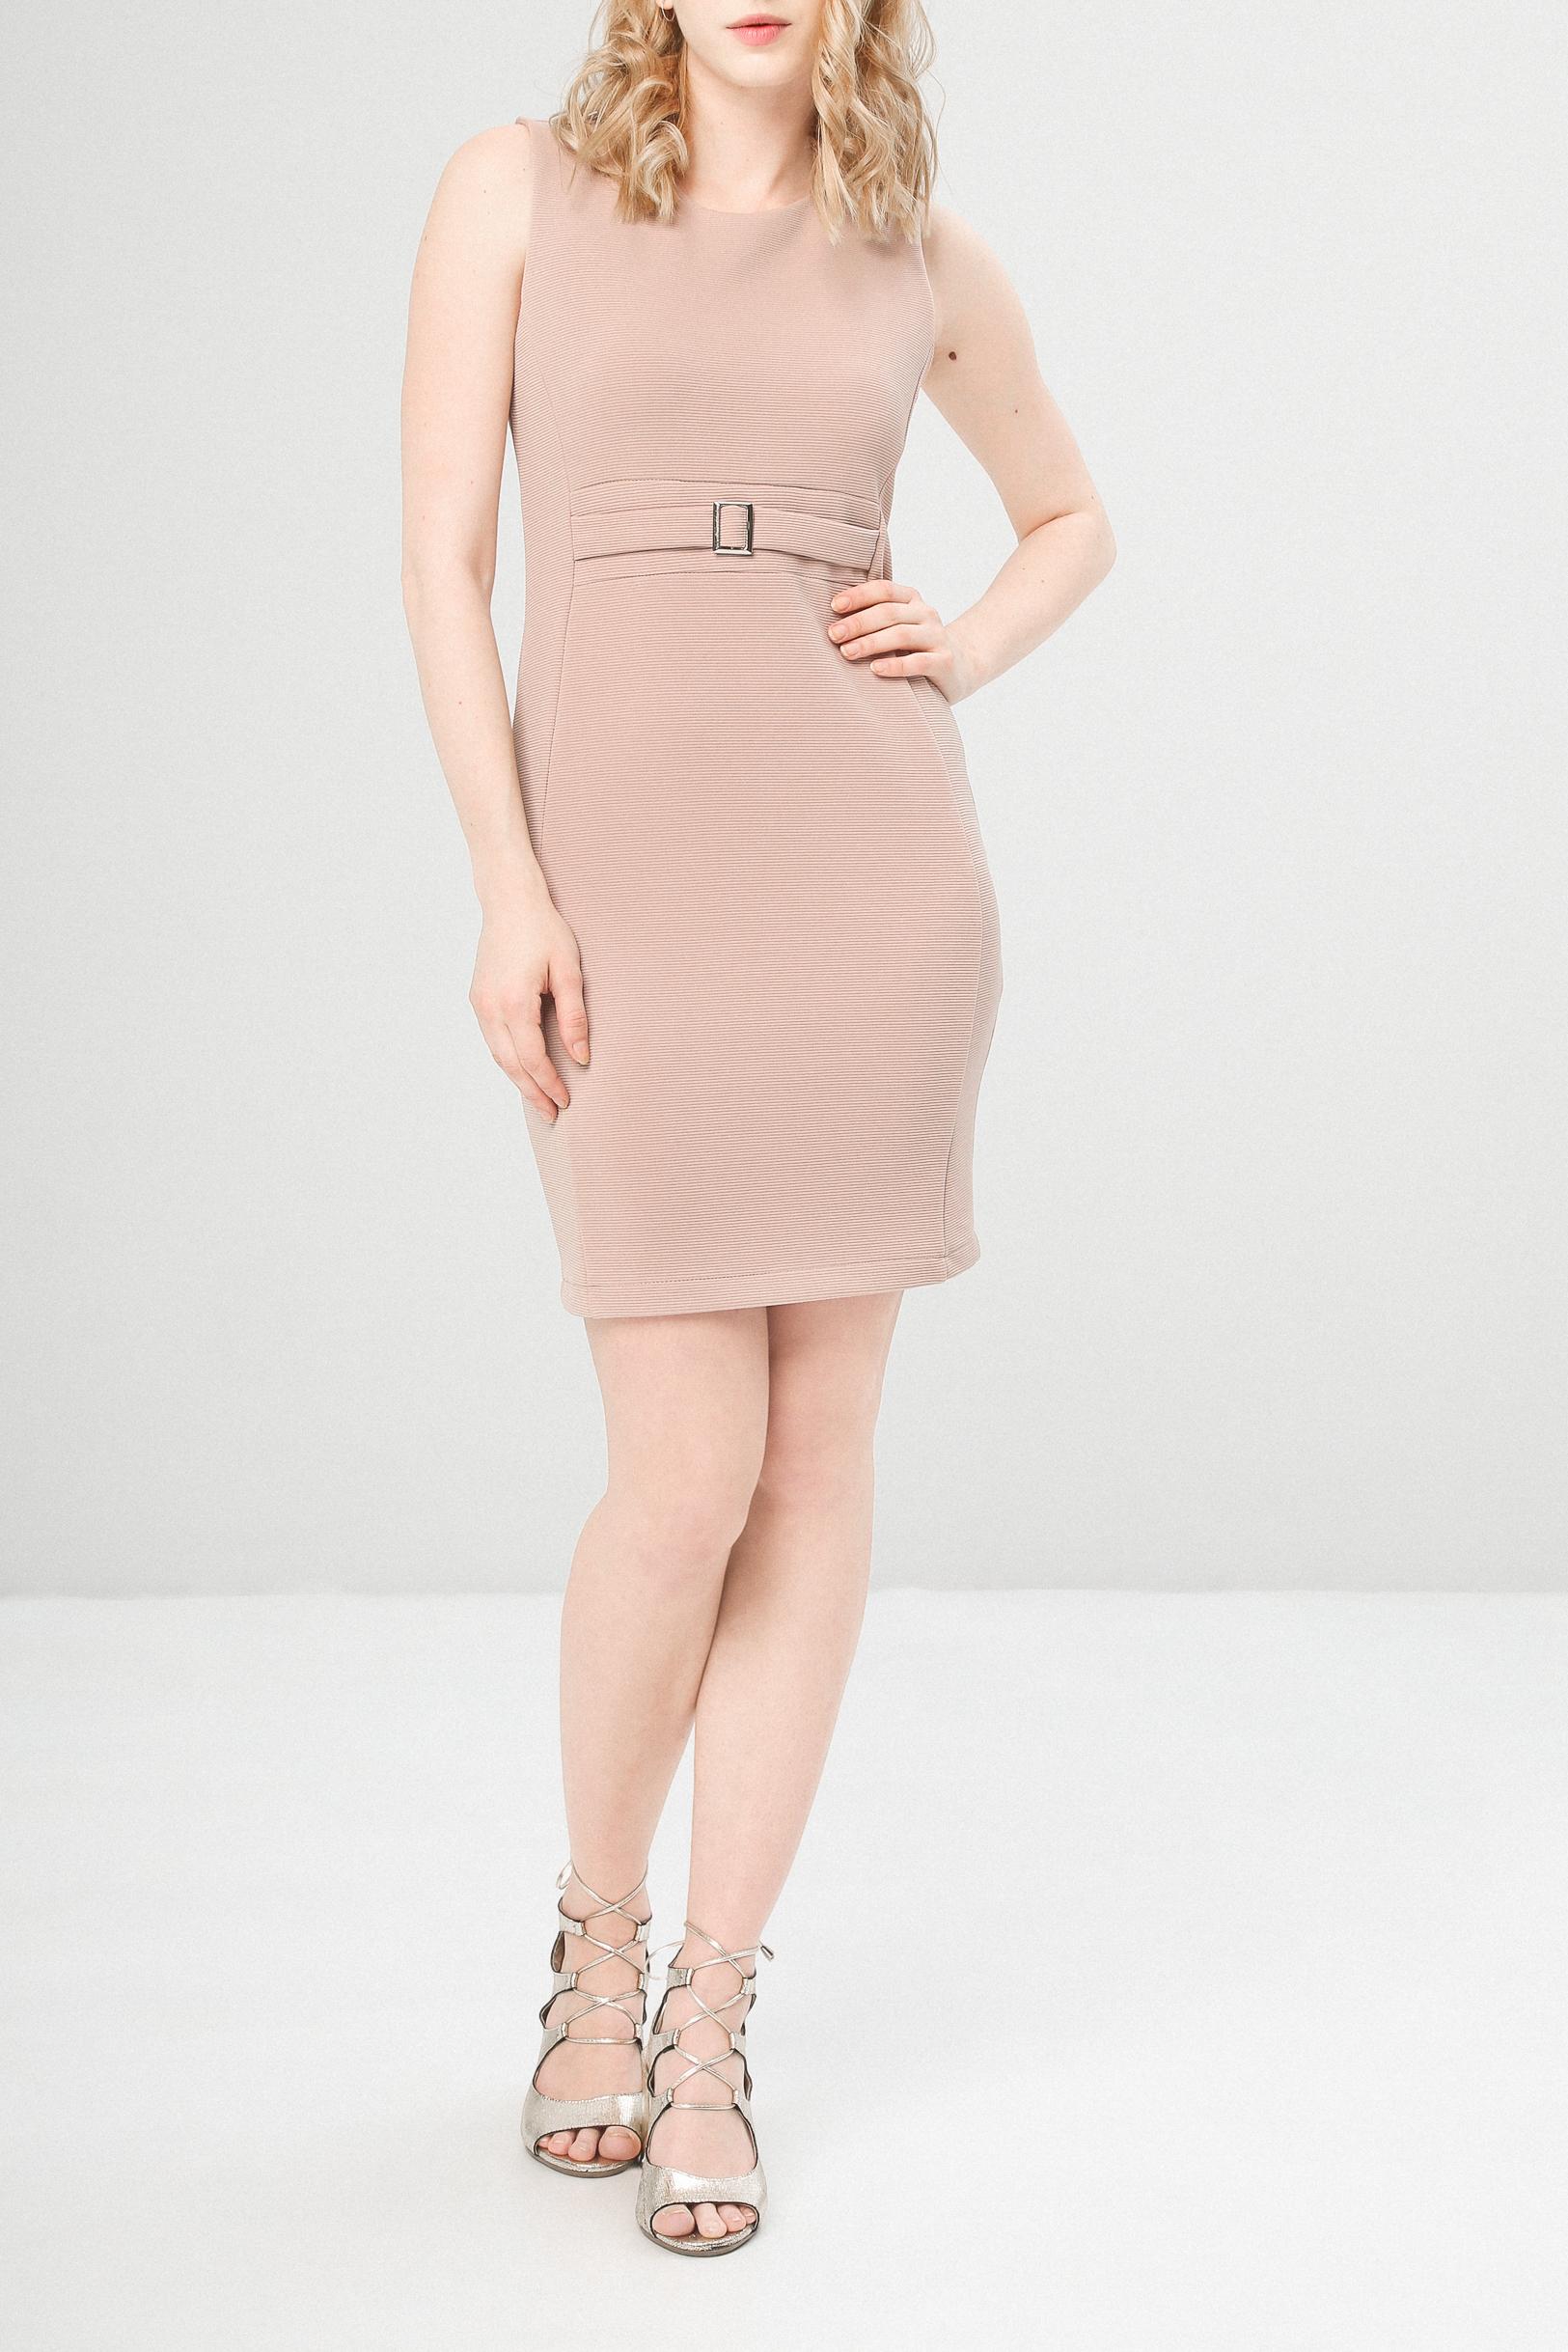 Robes  Fontana 2.0 TULLIA pink